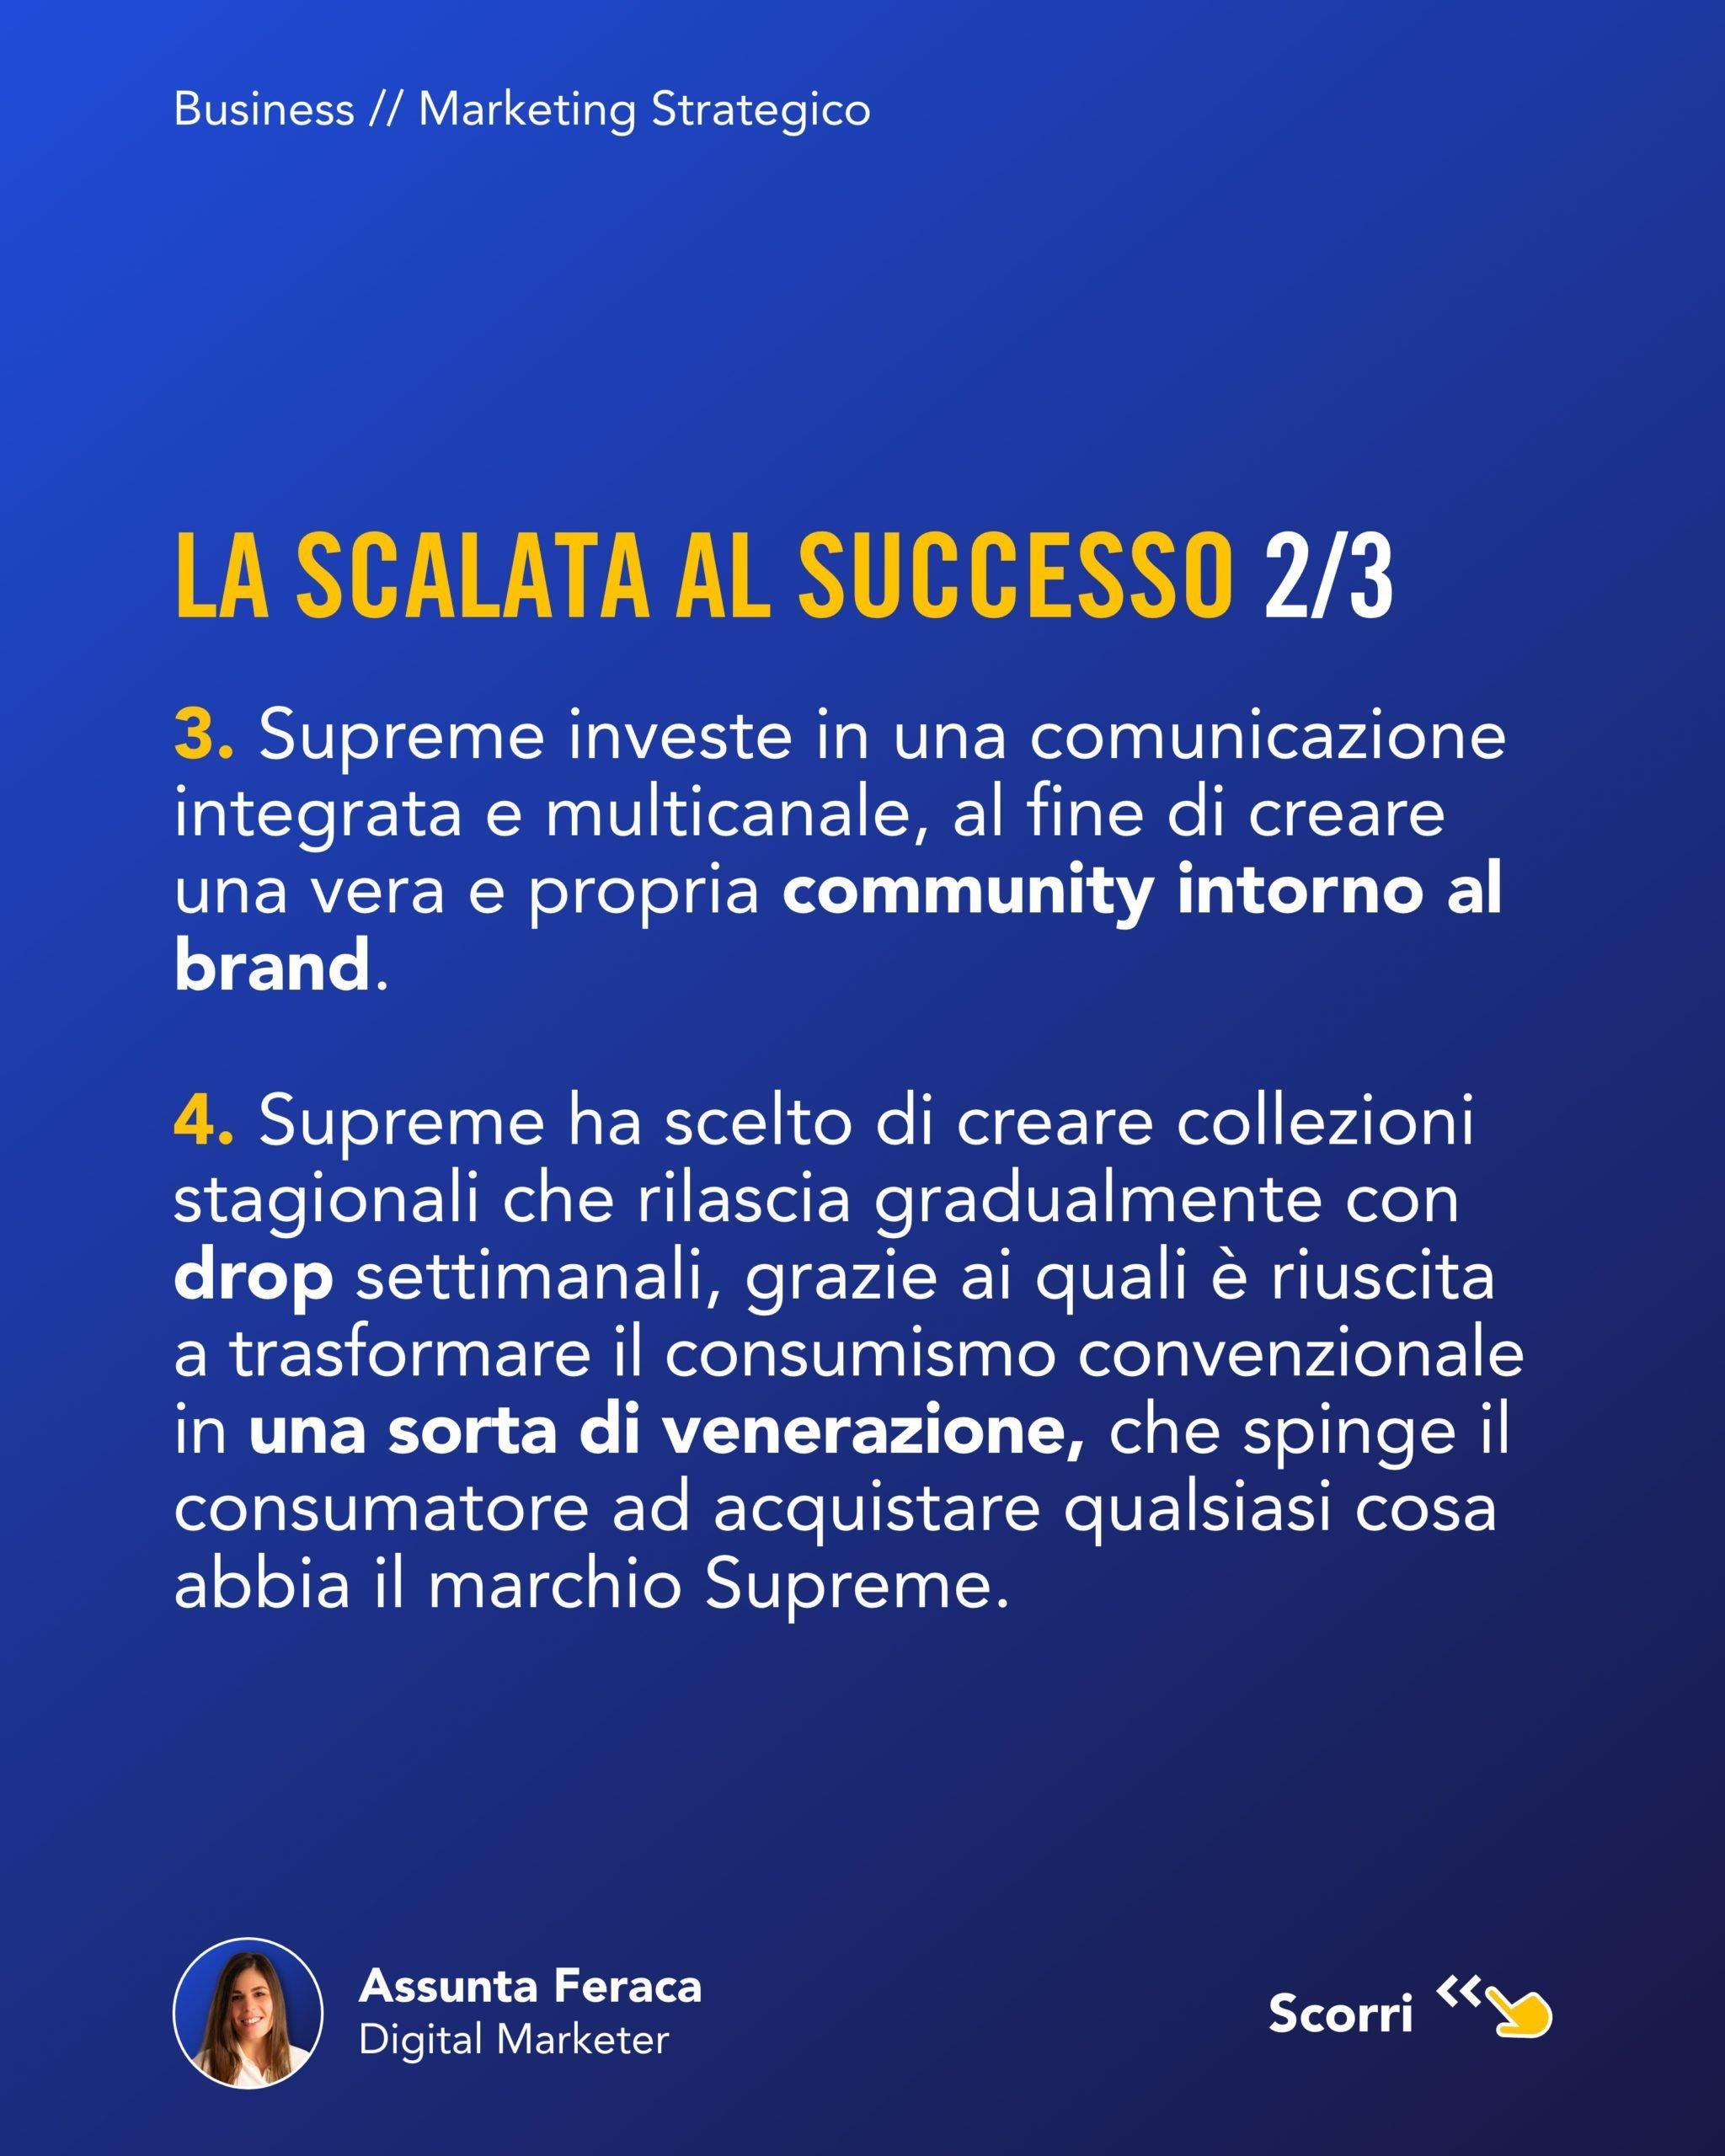 Supreme tutti i segreti del successo-05